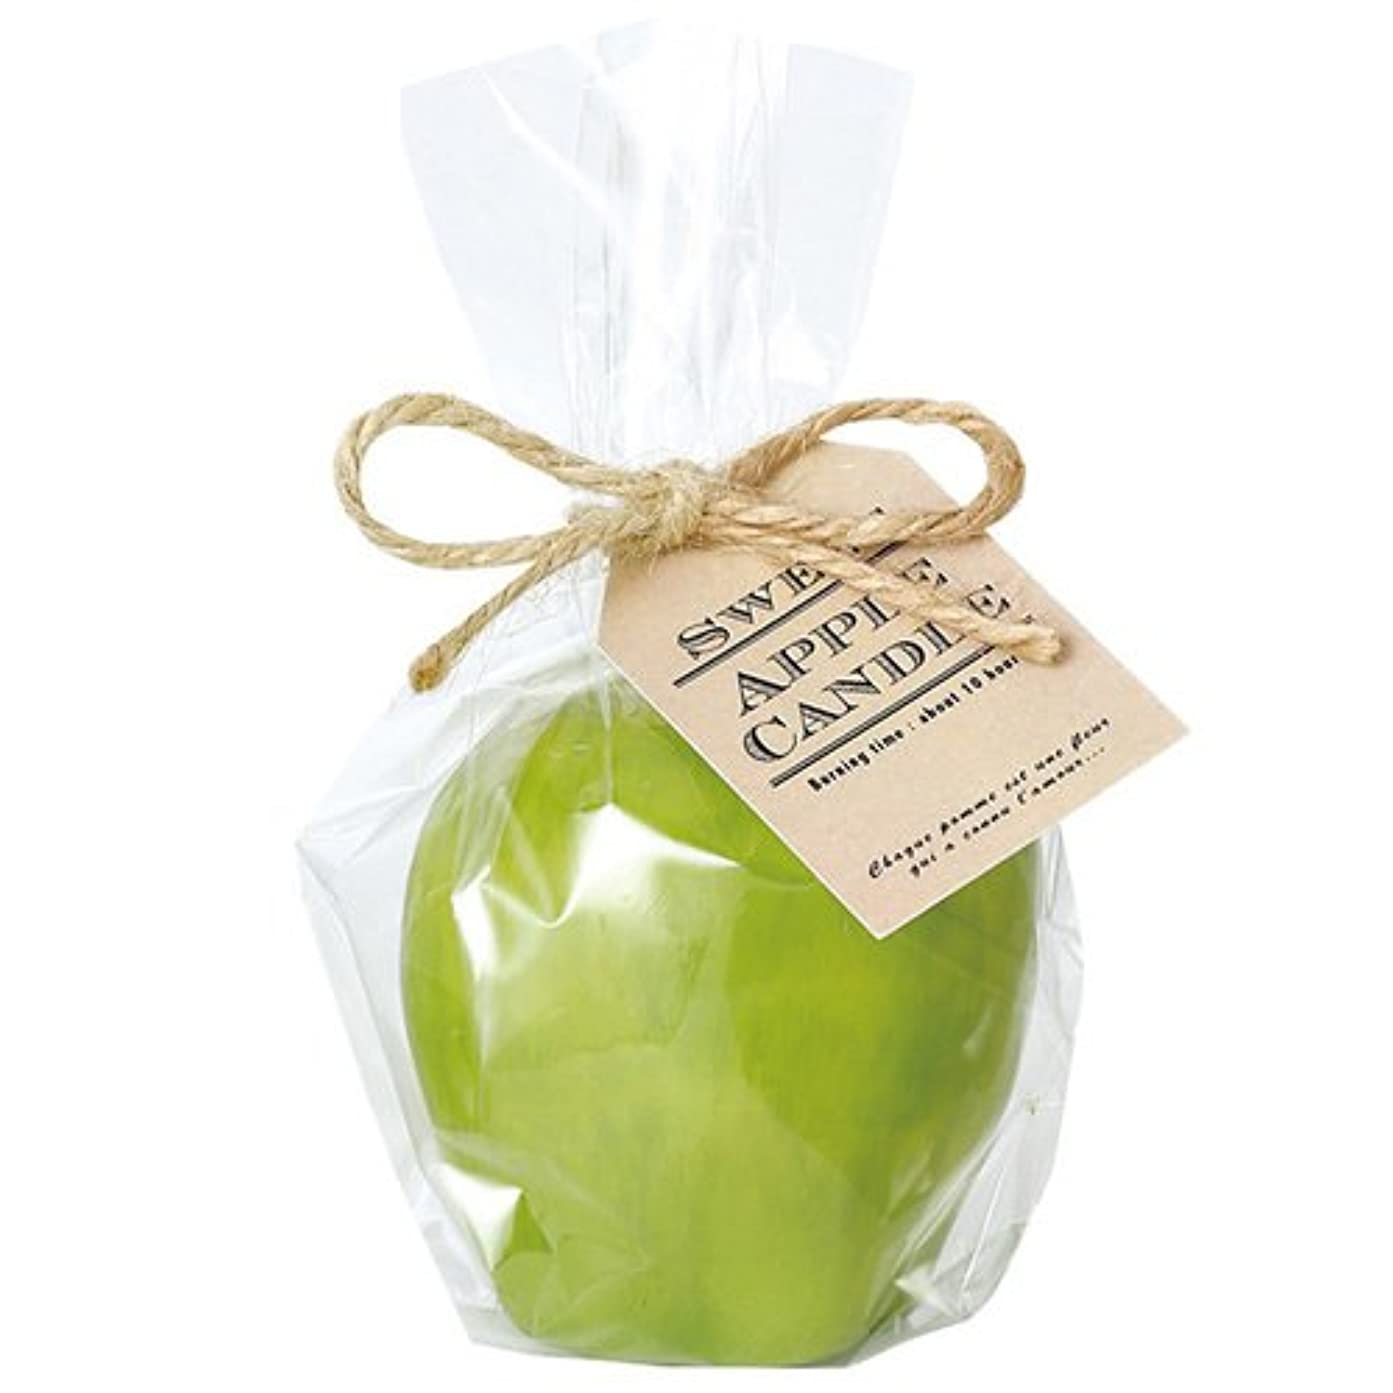 差別落ち着いた耕すカメヤマキャンドルハウス スイートアップルキャンドル グリーン アップルの香りつき